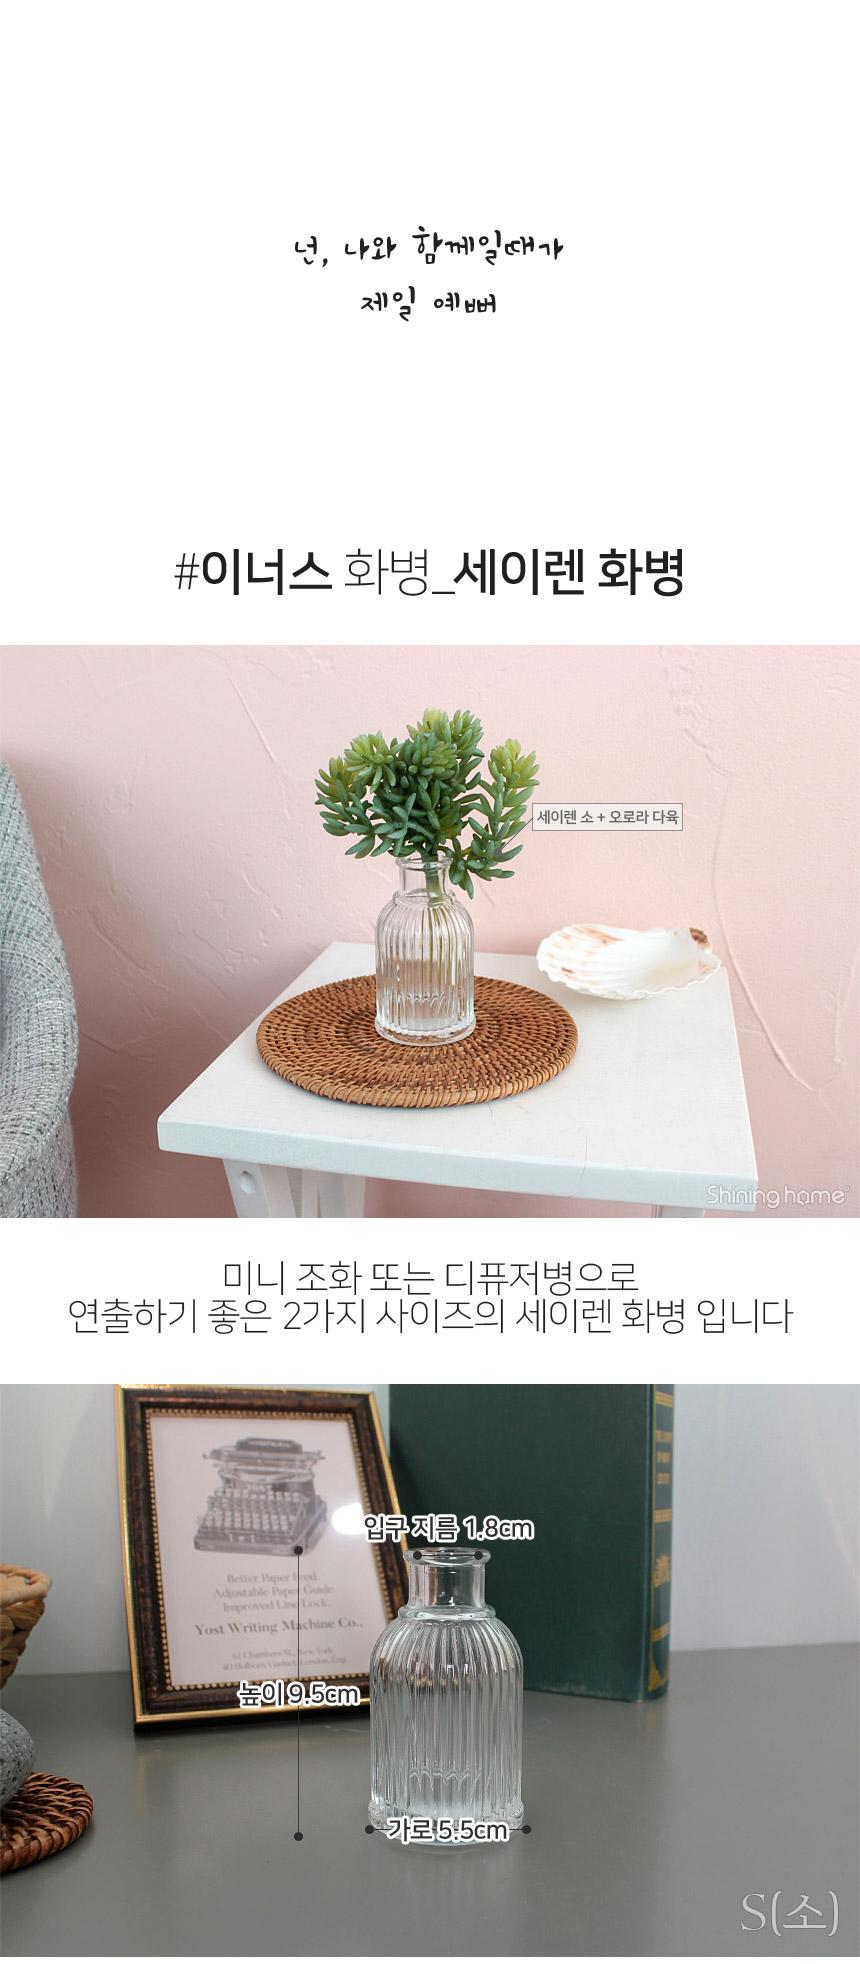 이너스 세이렌 화병 소 1P - 샤이닝홈, 4,500원, 조화, 부쉬